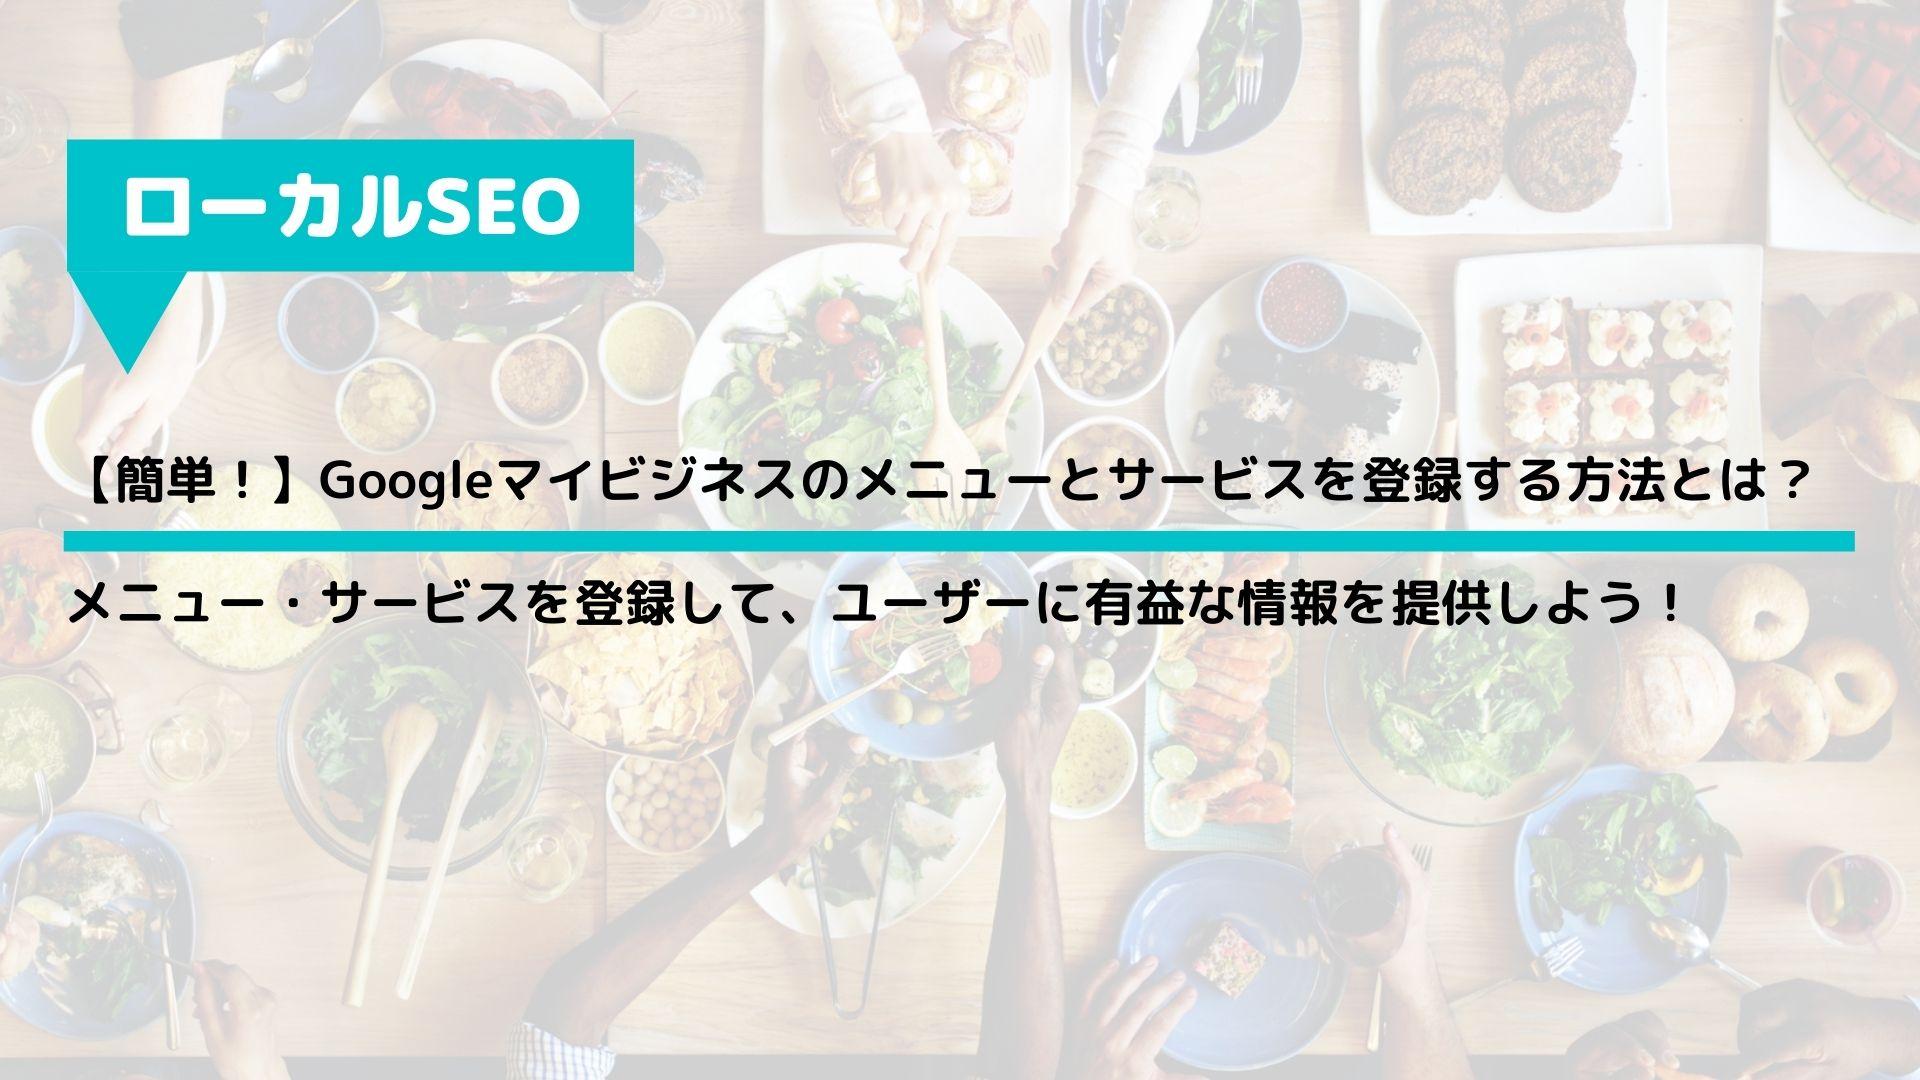 【簡単!】Googleマイビジネスのメニューとサービスを登録する方法とは?